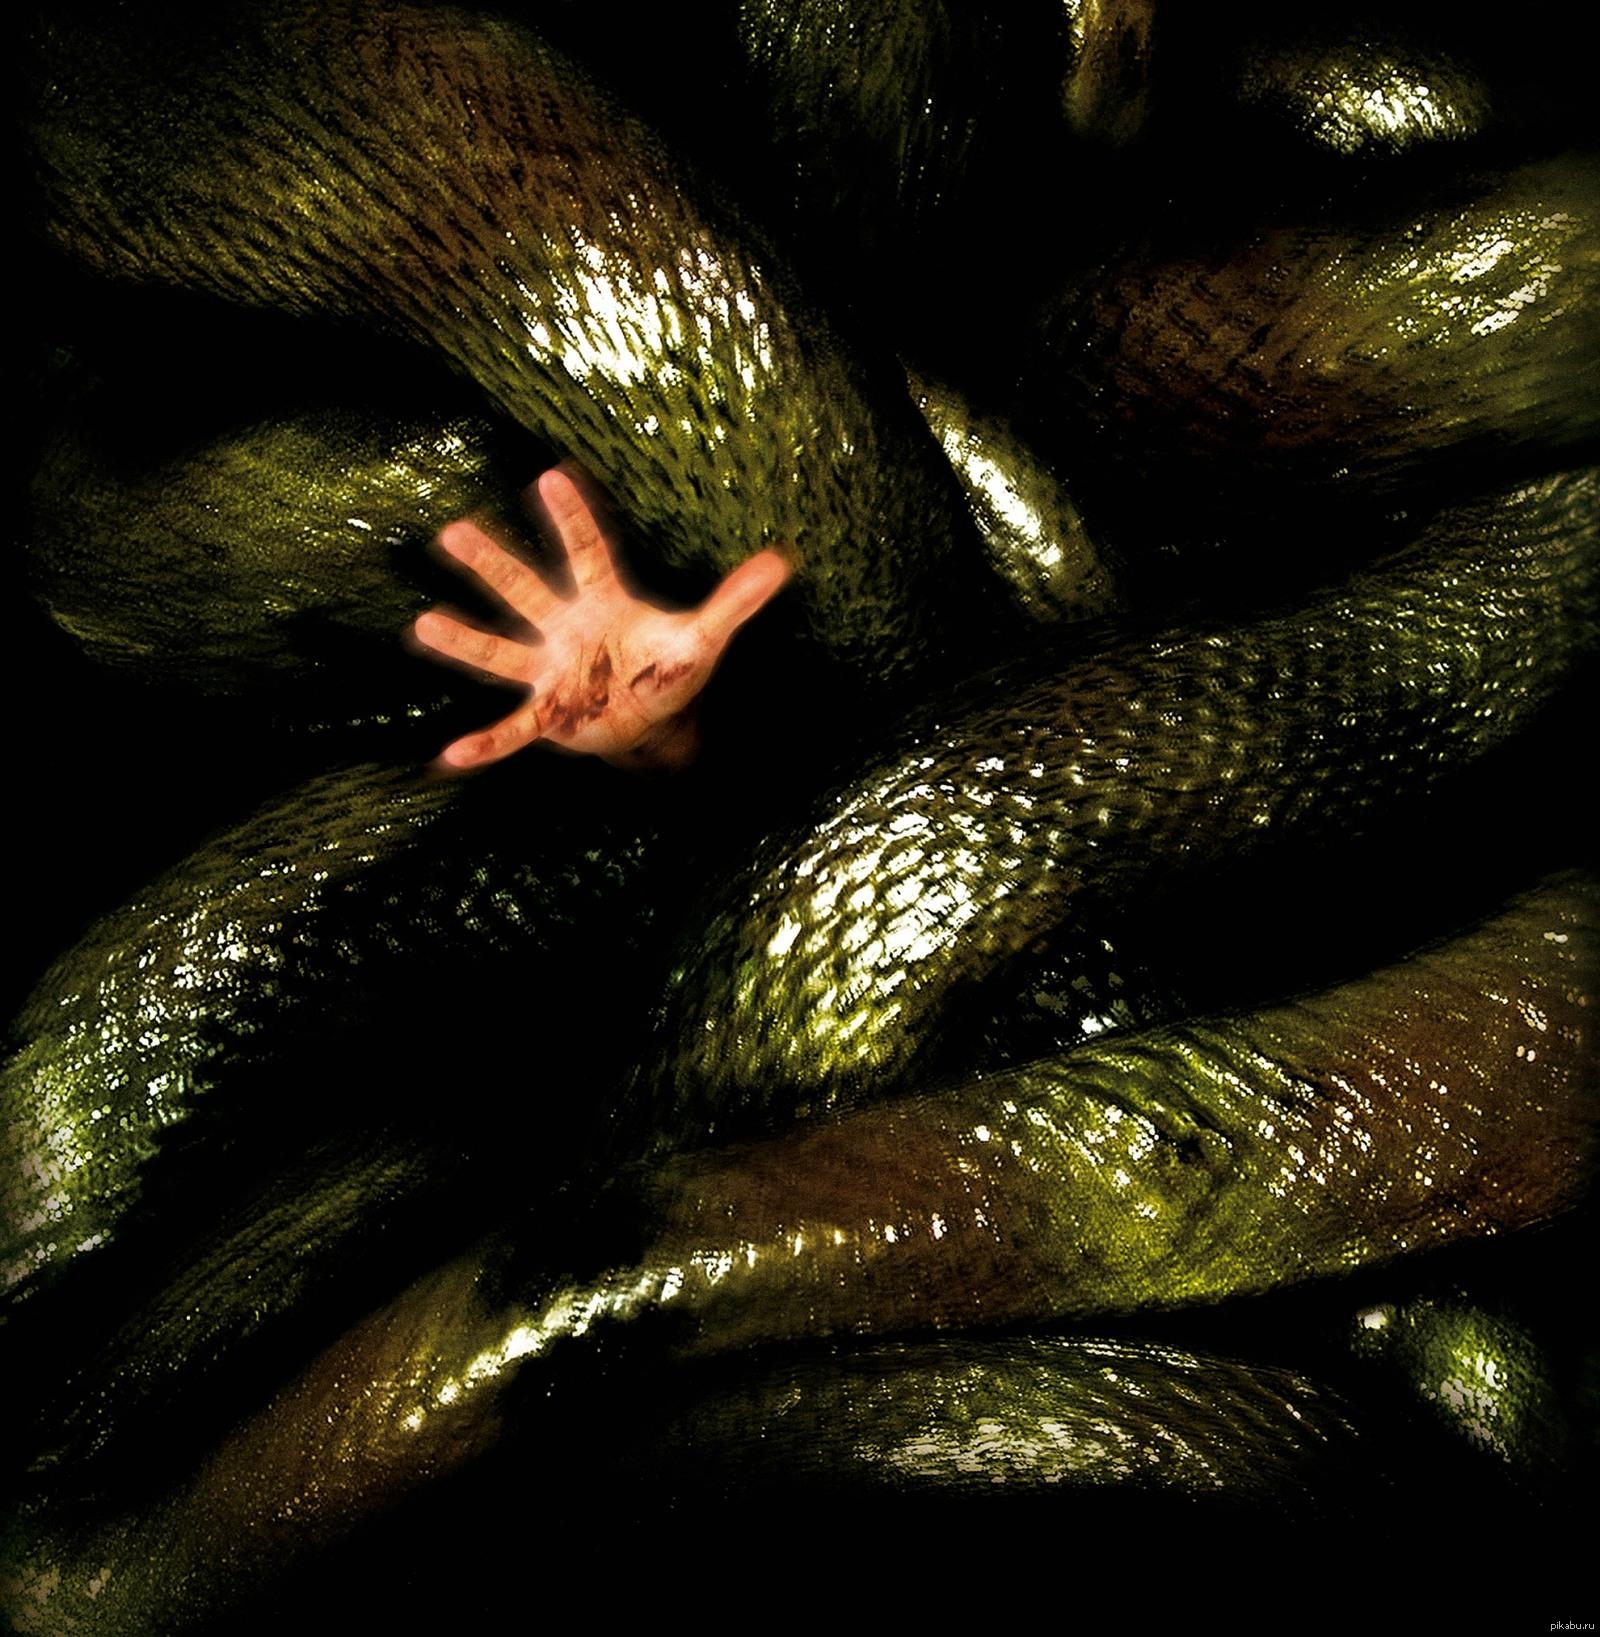 склочный коллектив картинка со змеями фотографиях